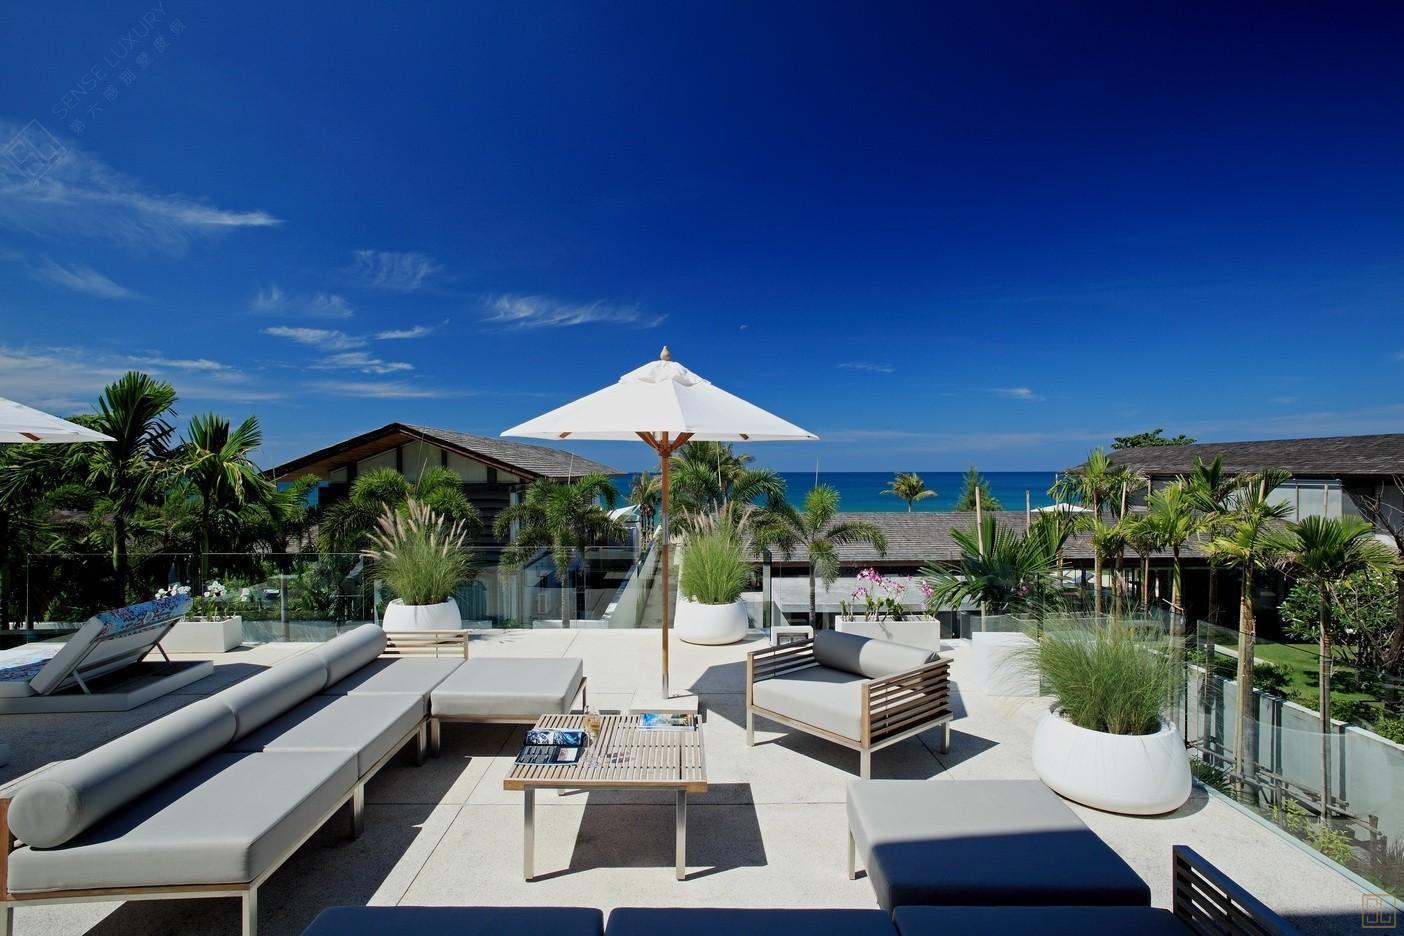 泰国普吉岛萨瓦庄园别墅露天休息区